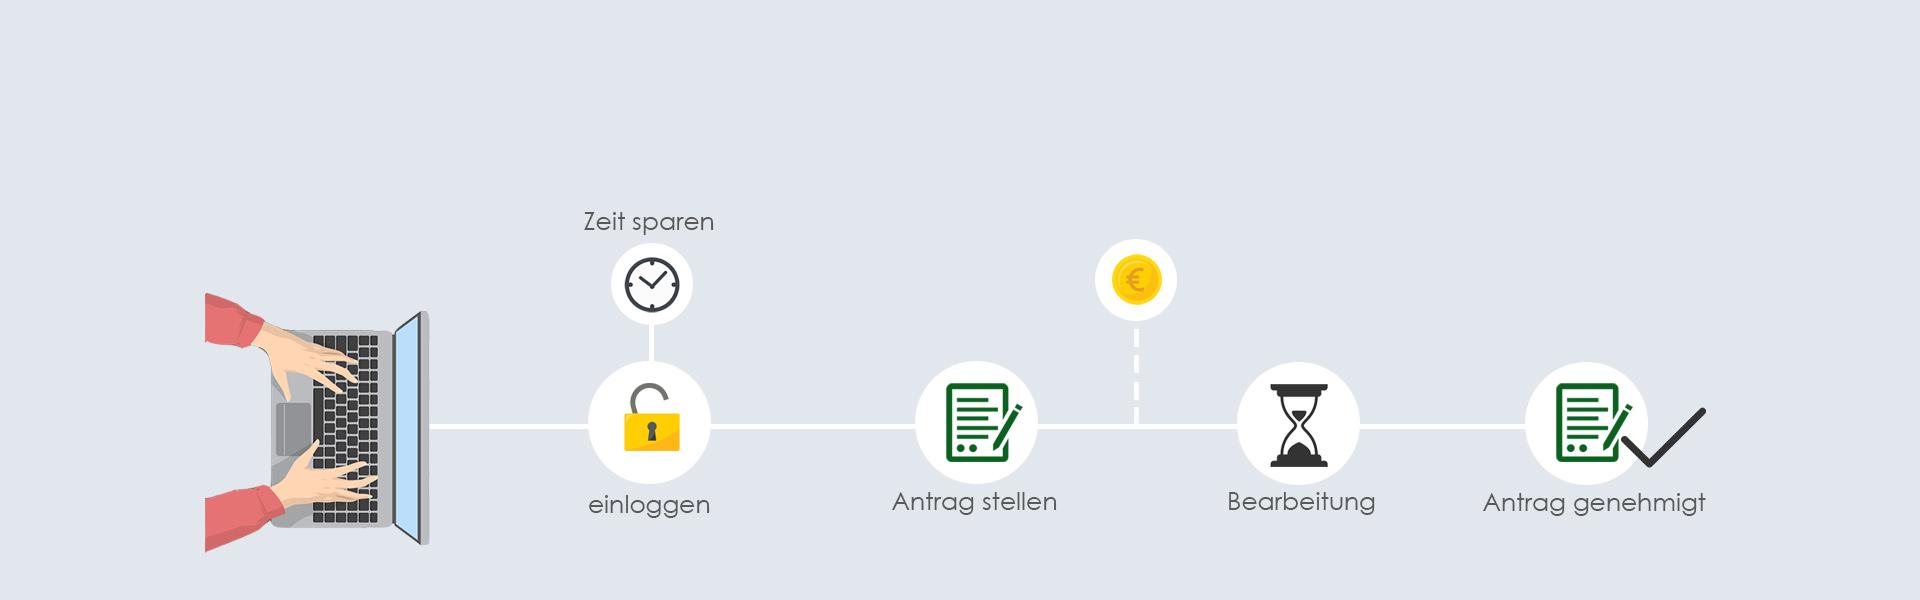 1 online antrag ©brain-SCC GmbH